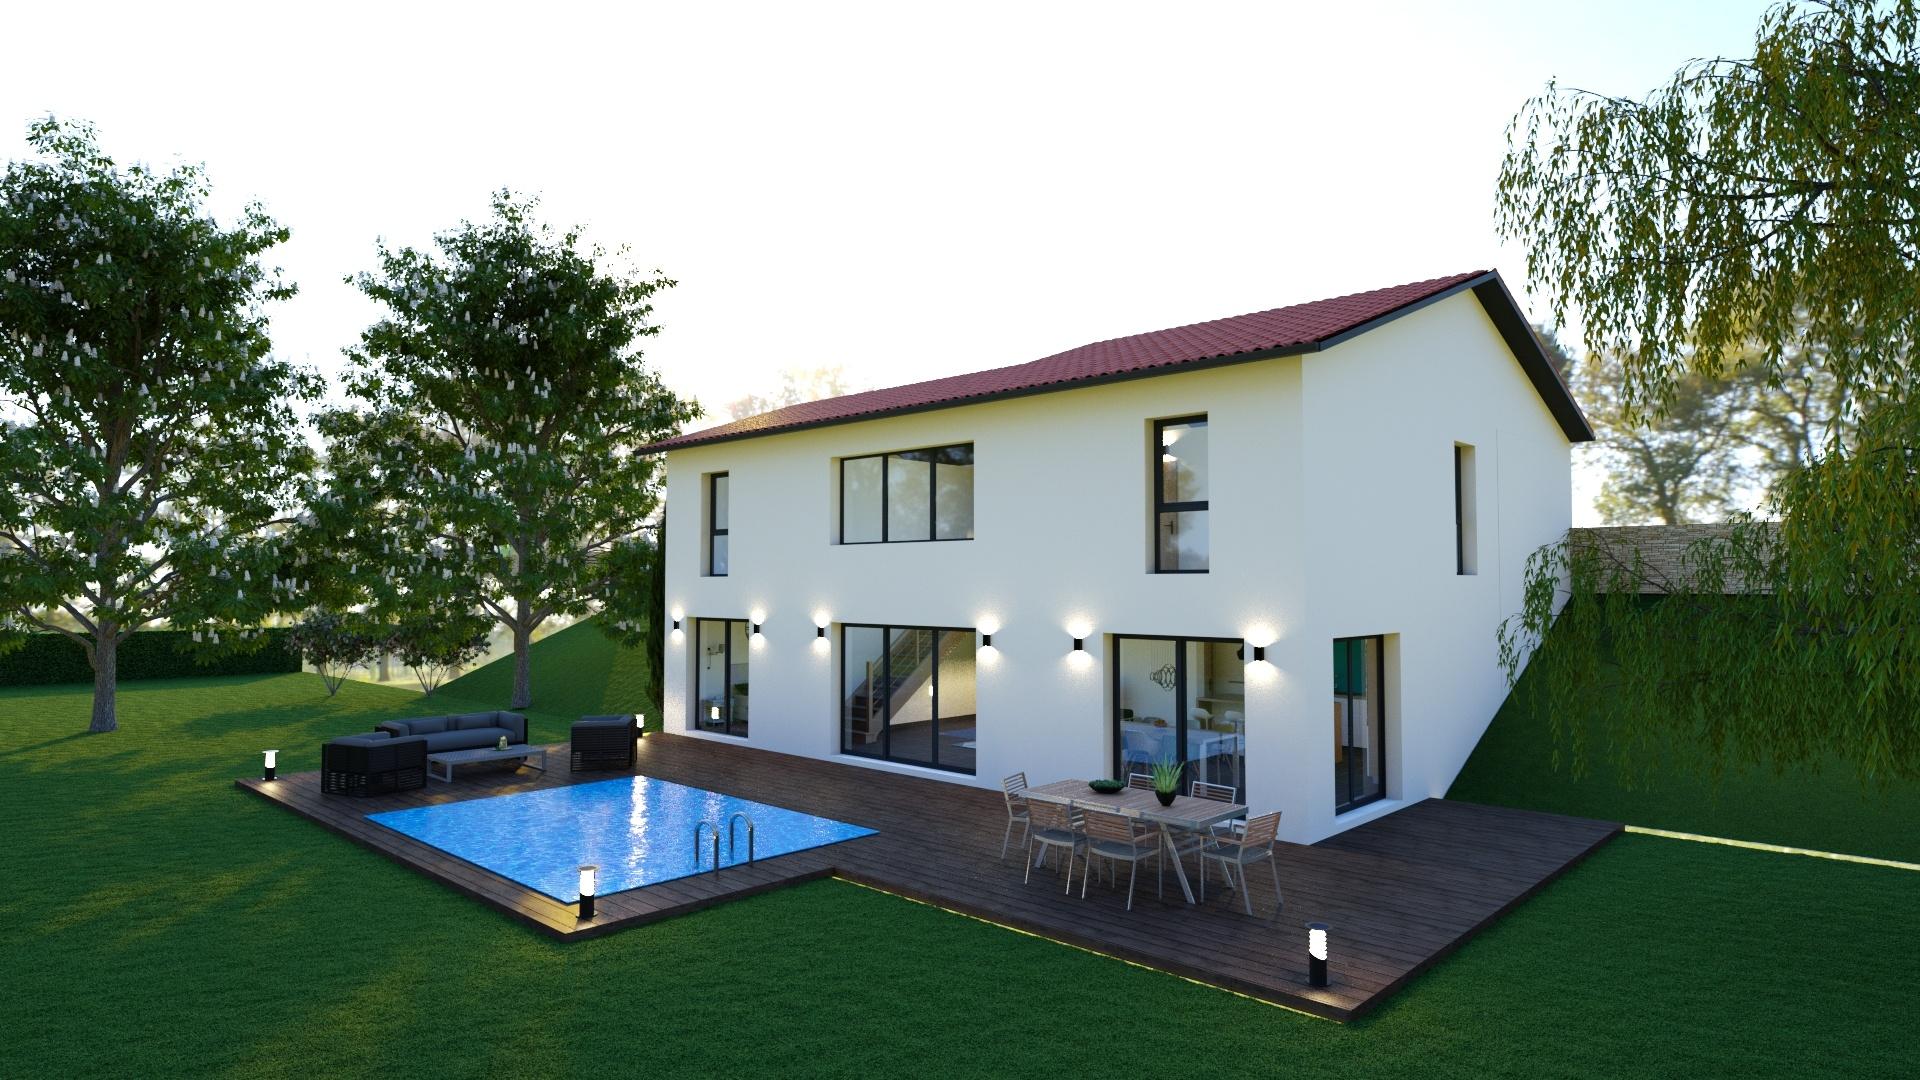 Maisons + Terrains du constructeur MAISONS LOGELIS • 101 m² • CURIS AU MONT D'OR